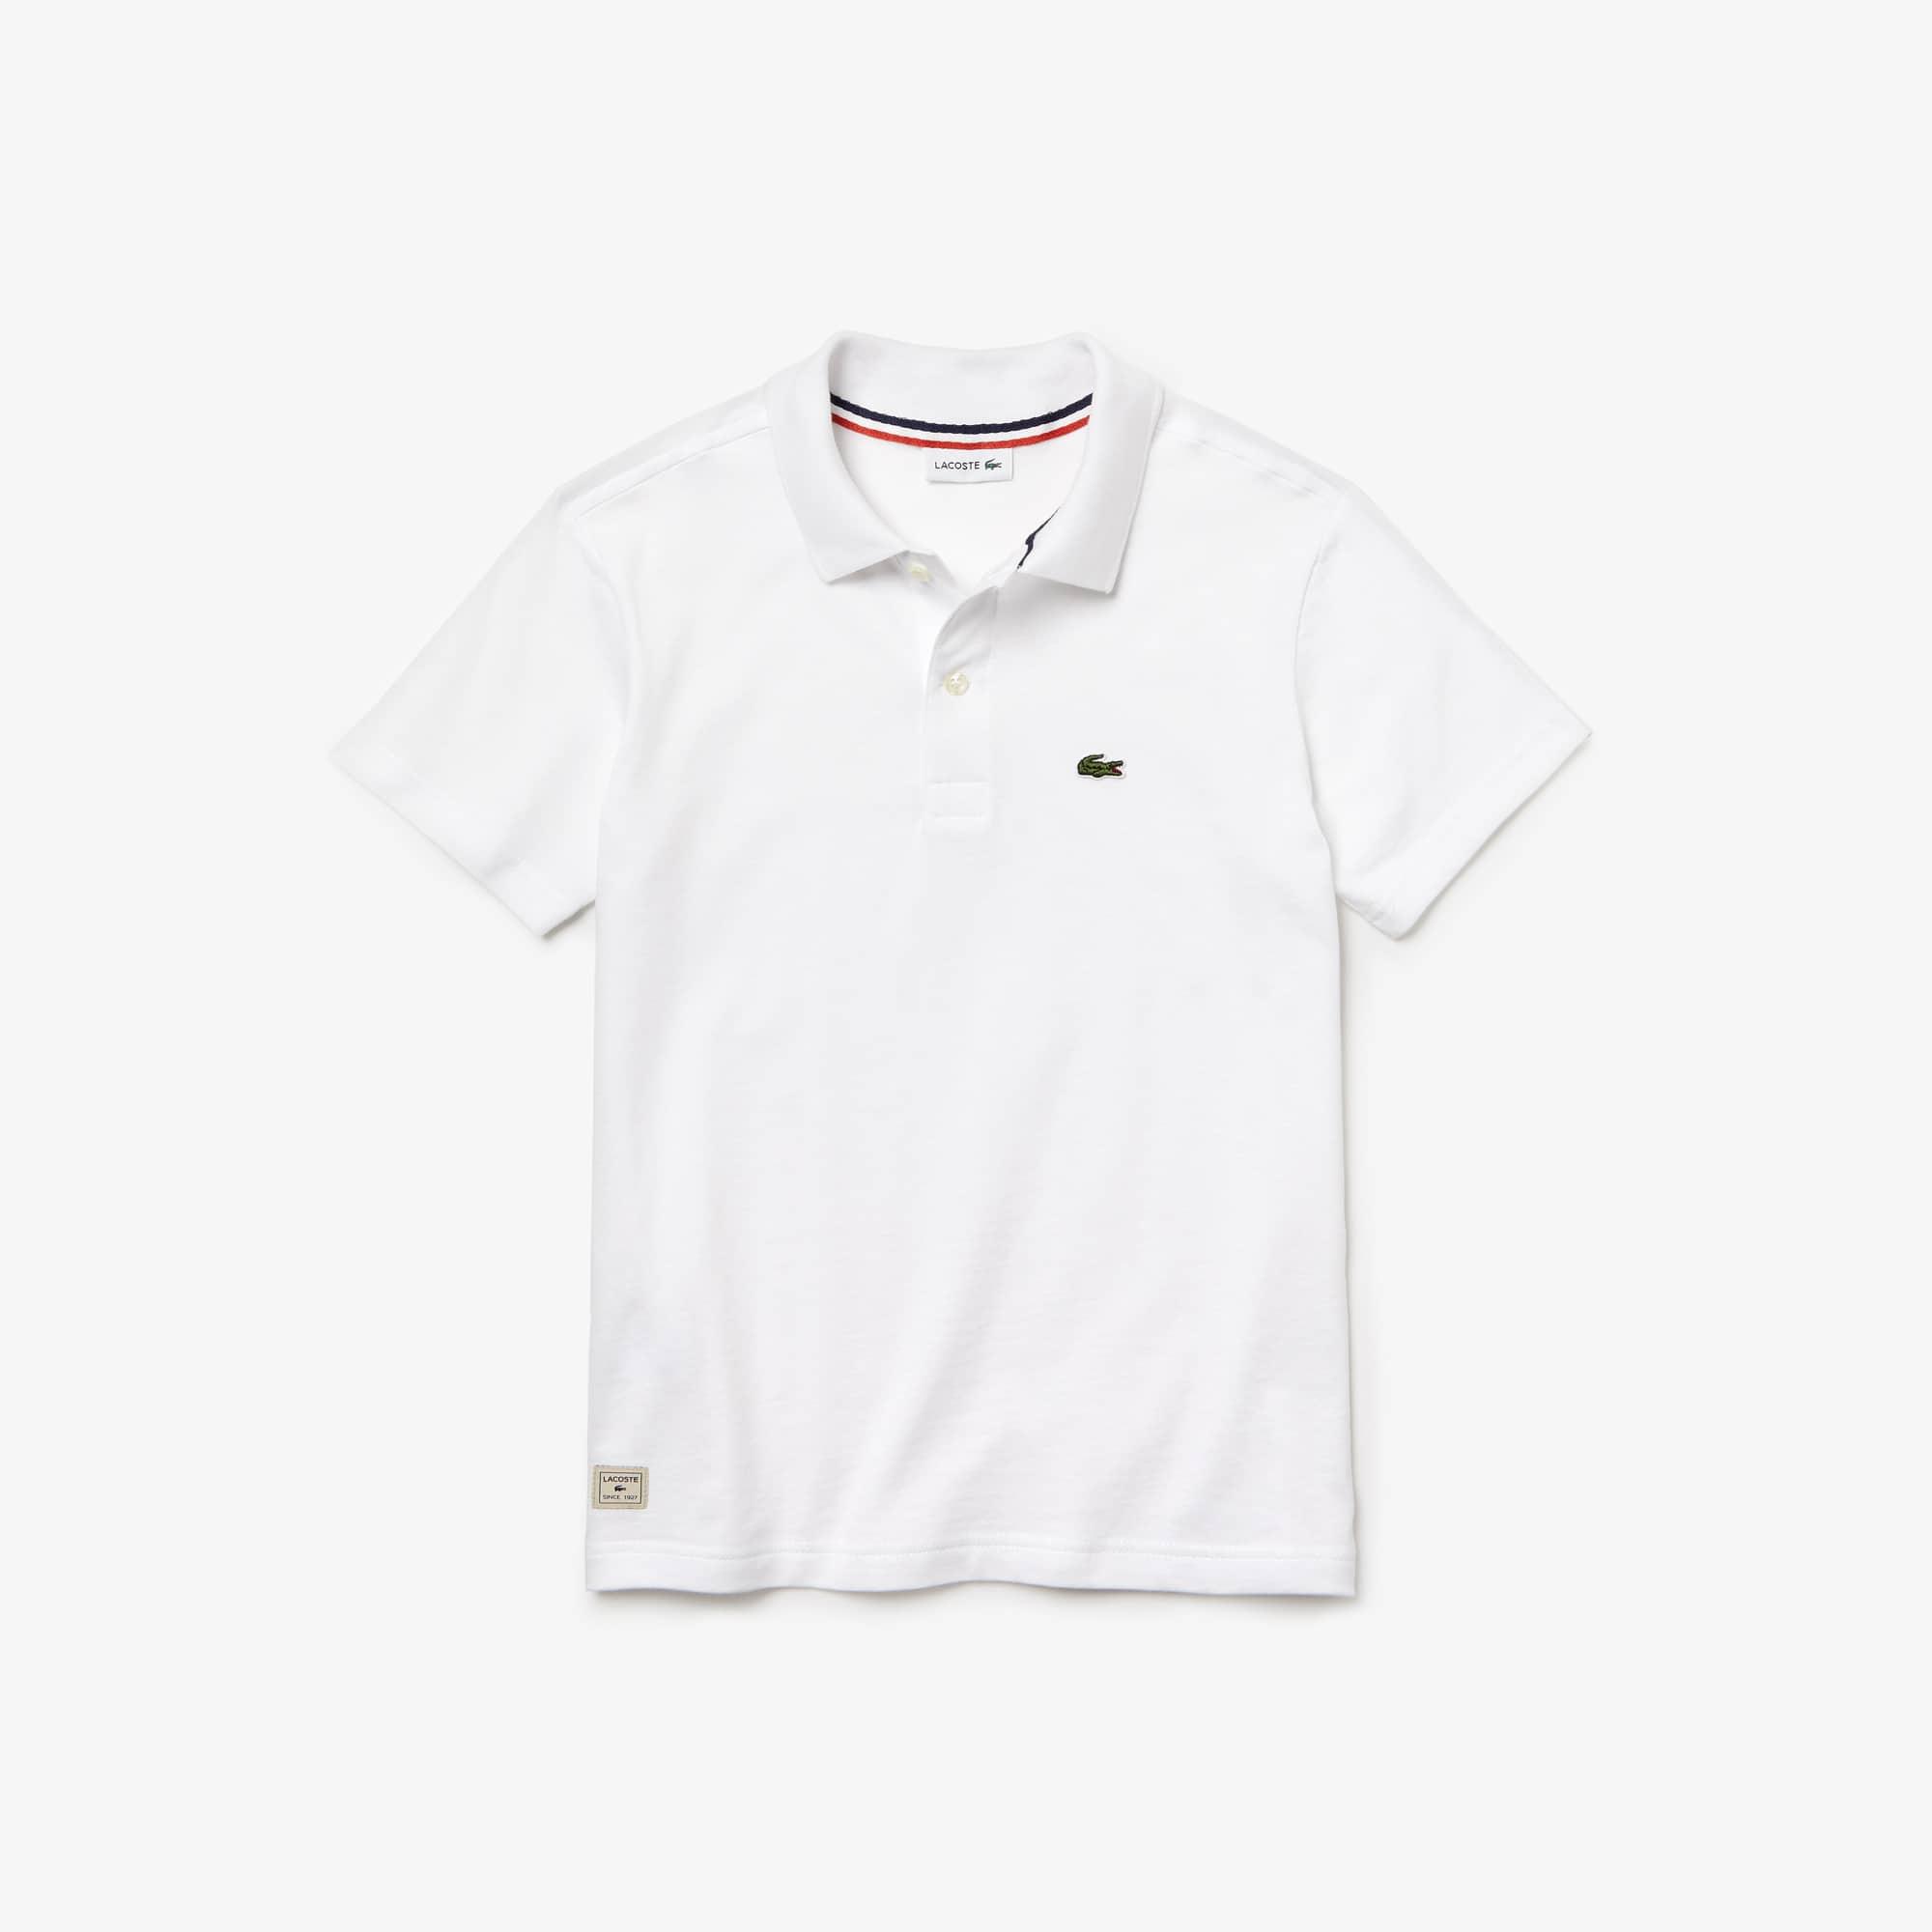 Camisa Polo Lacoste Infantil Masculina em Jérsei de Algodão  259731aed20b2